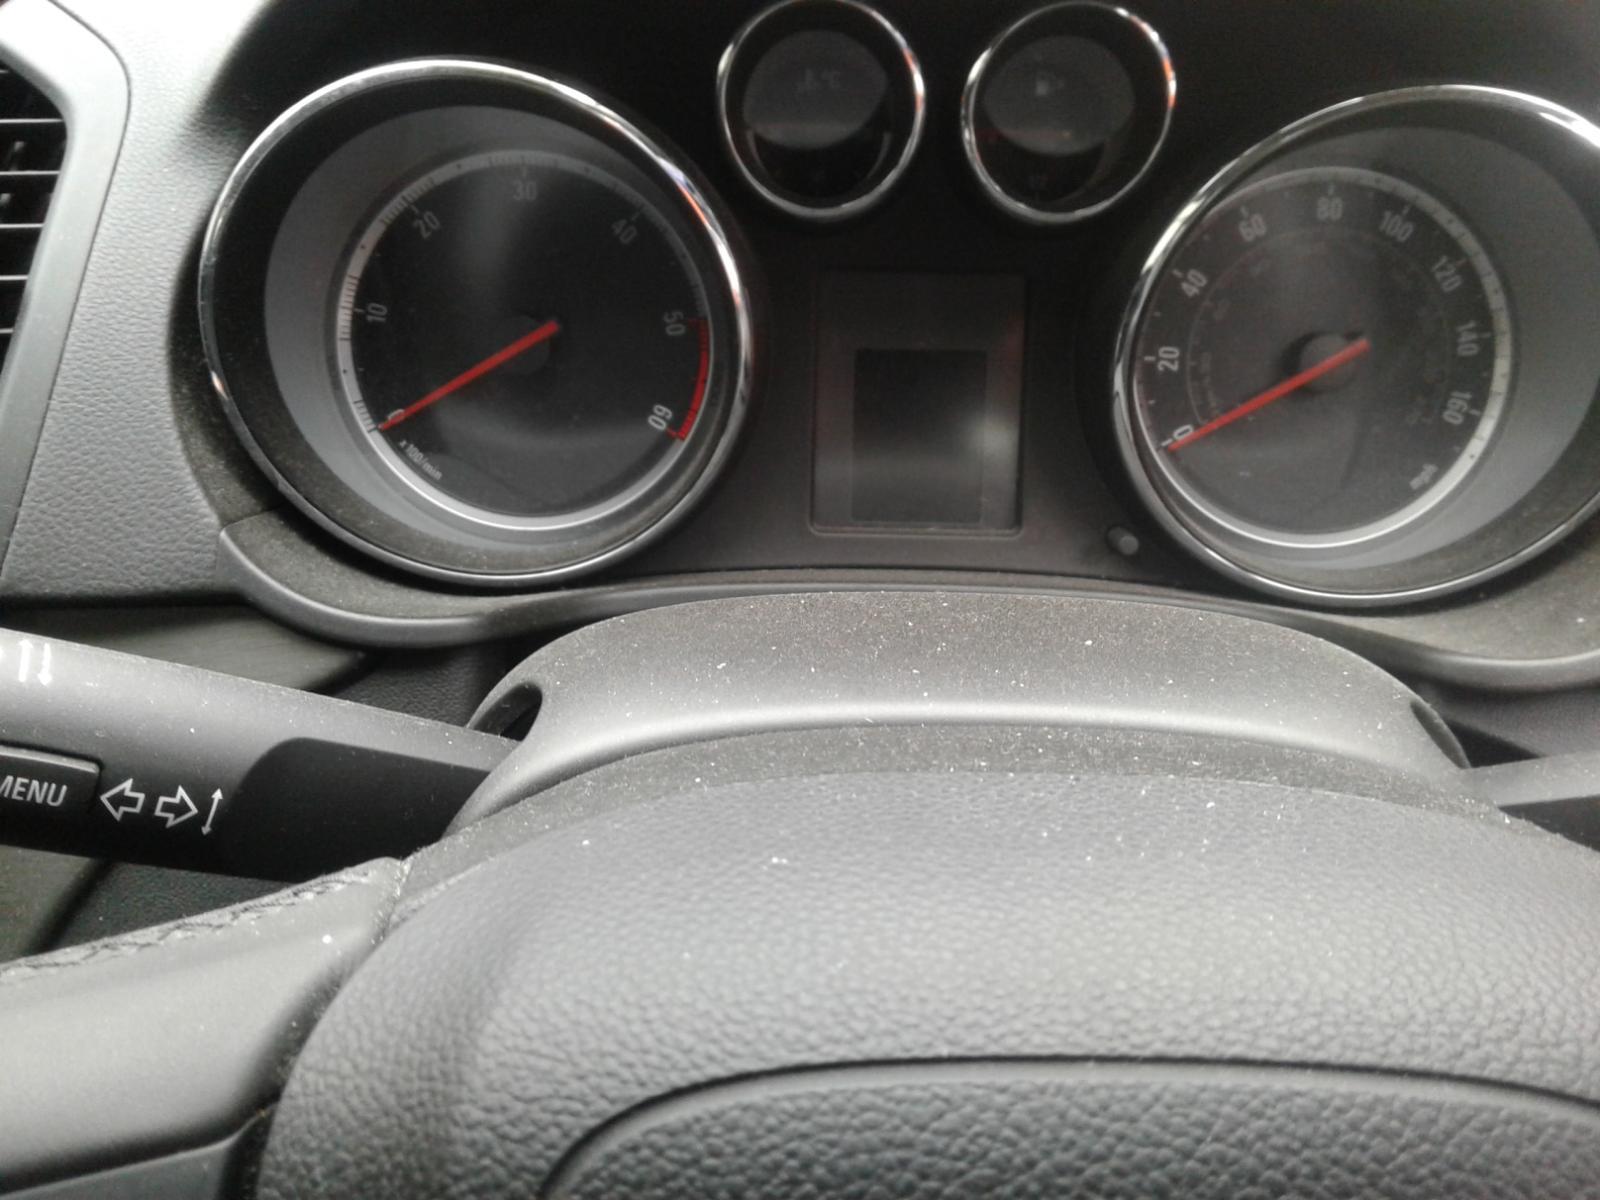 View Auto part VAUXHALL INSIGNIA 2010 5 Door Hatchback